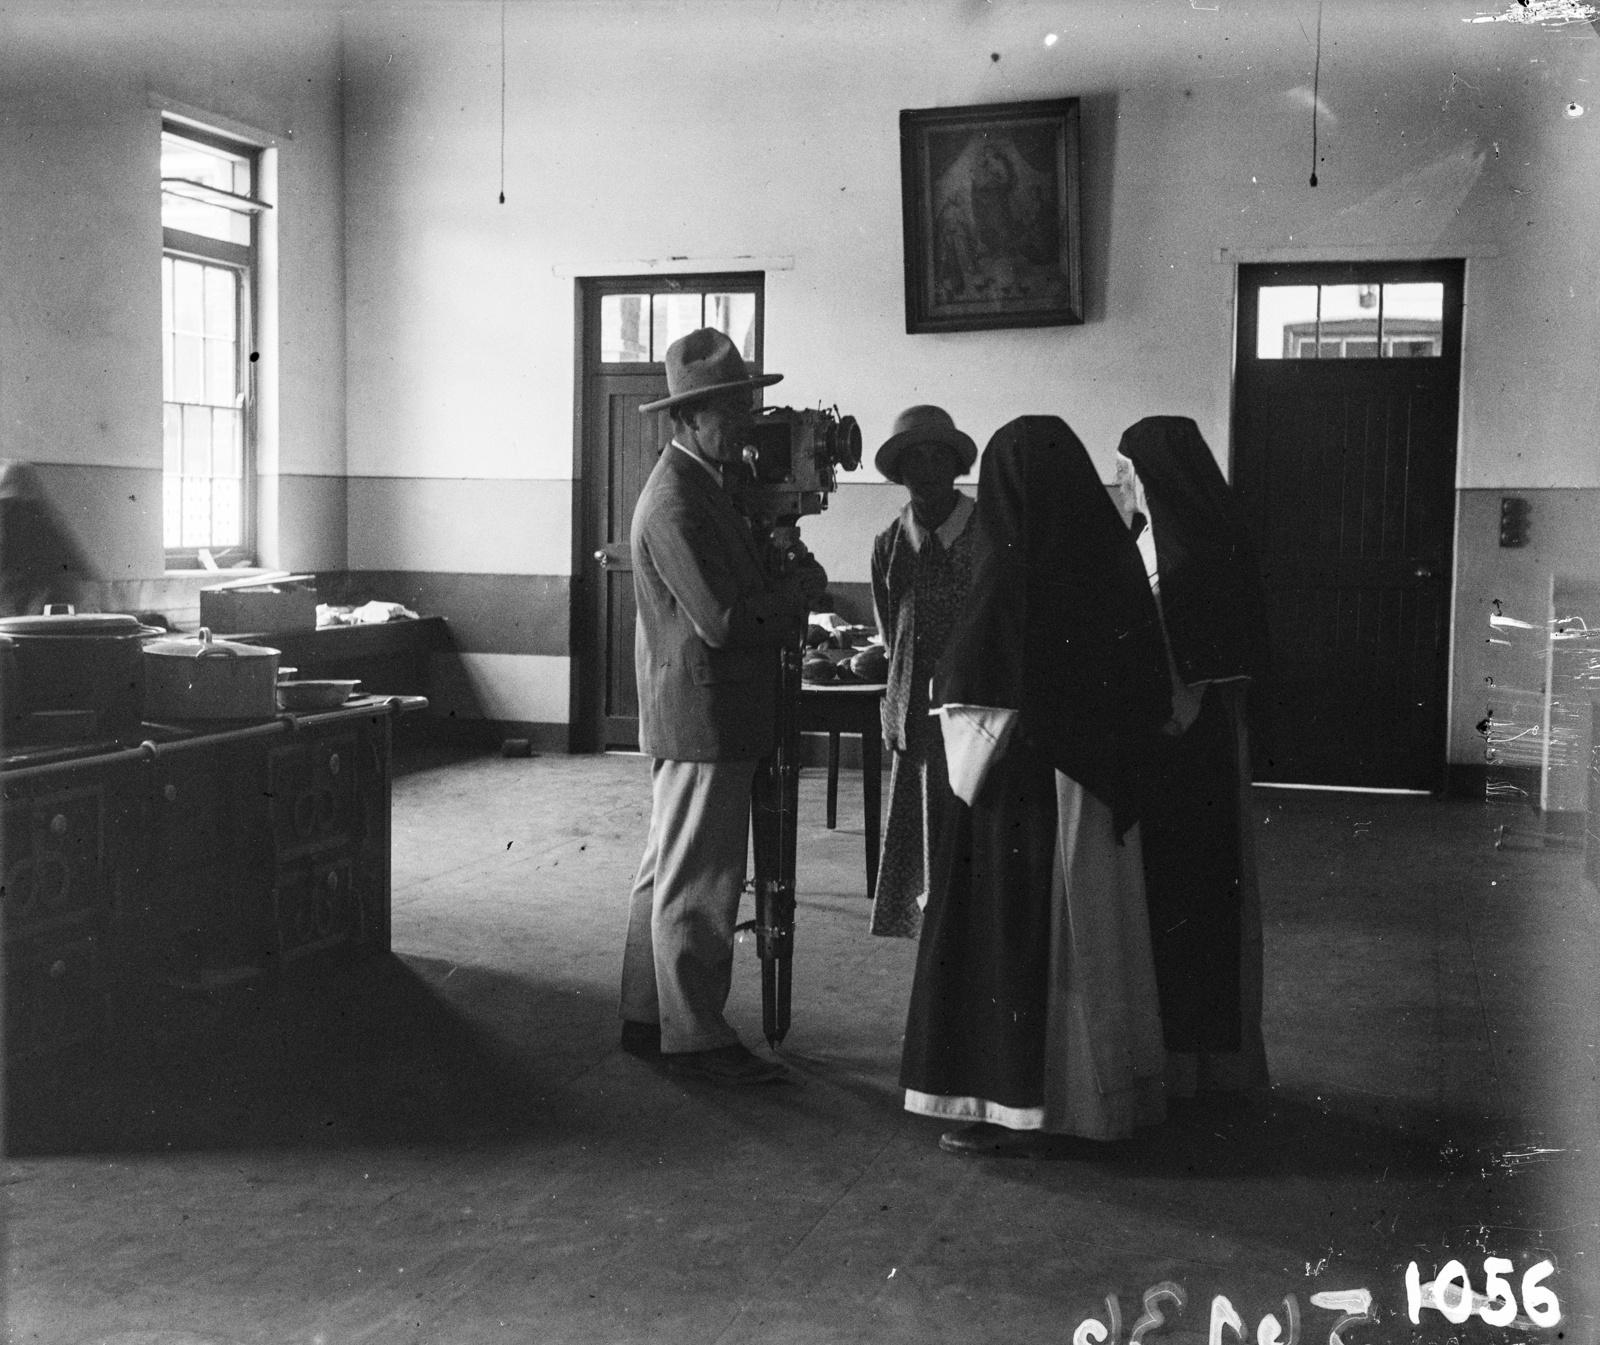 Две монахини разговаривают с оператором